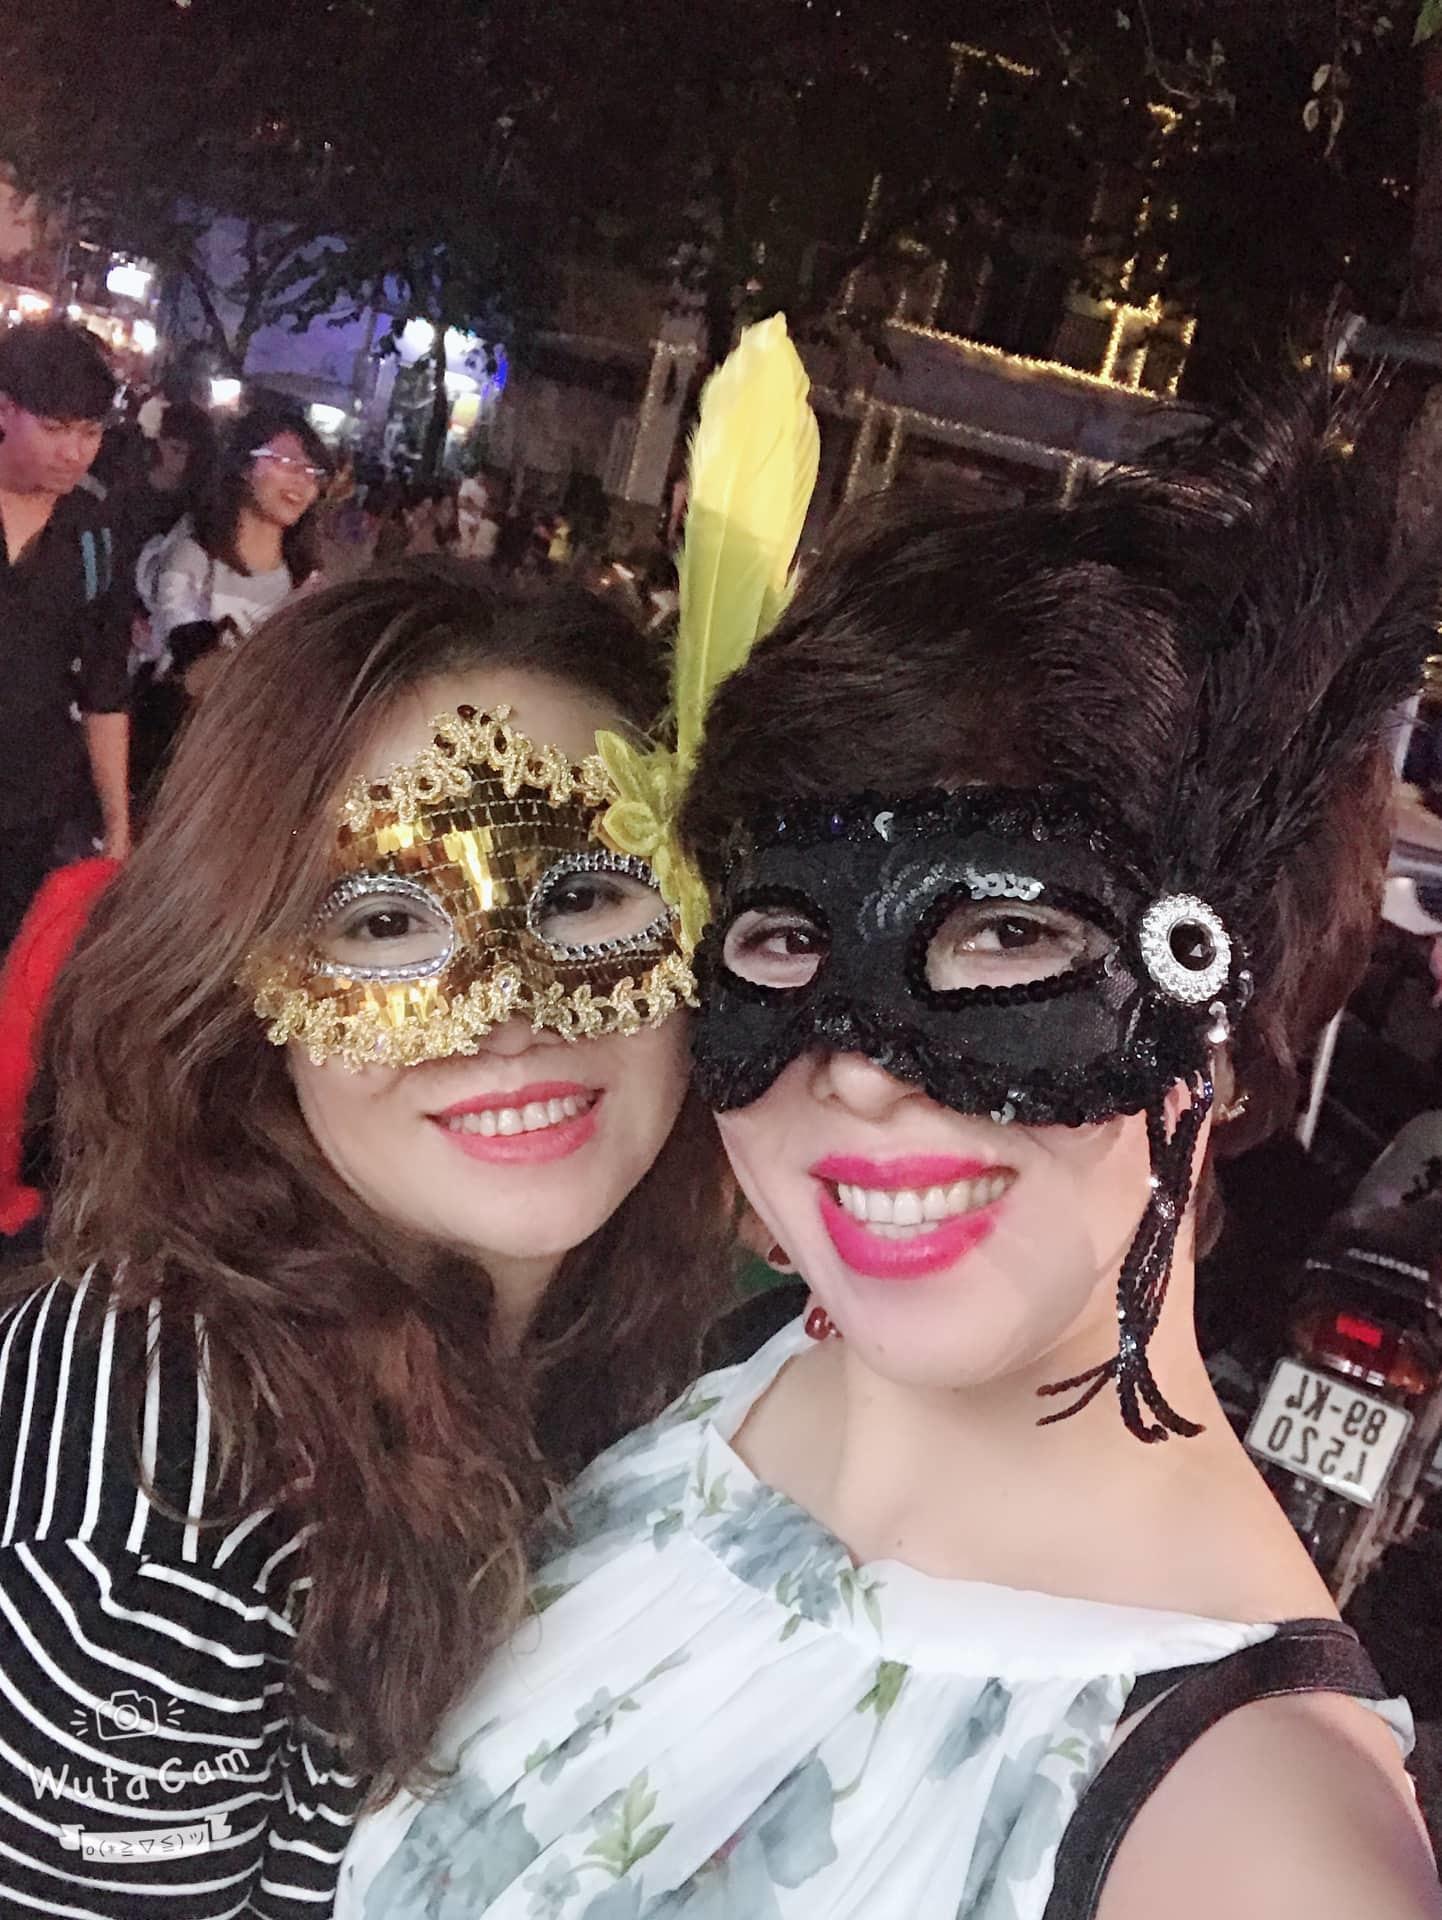 Quý bà Hà Nội đeo mặt nạ bí ẩn xuống phố giữa đêm